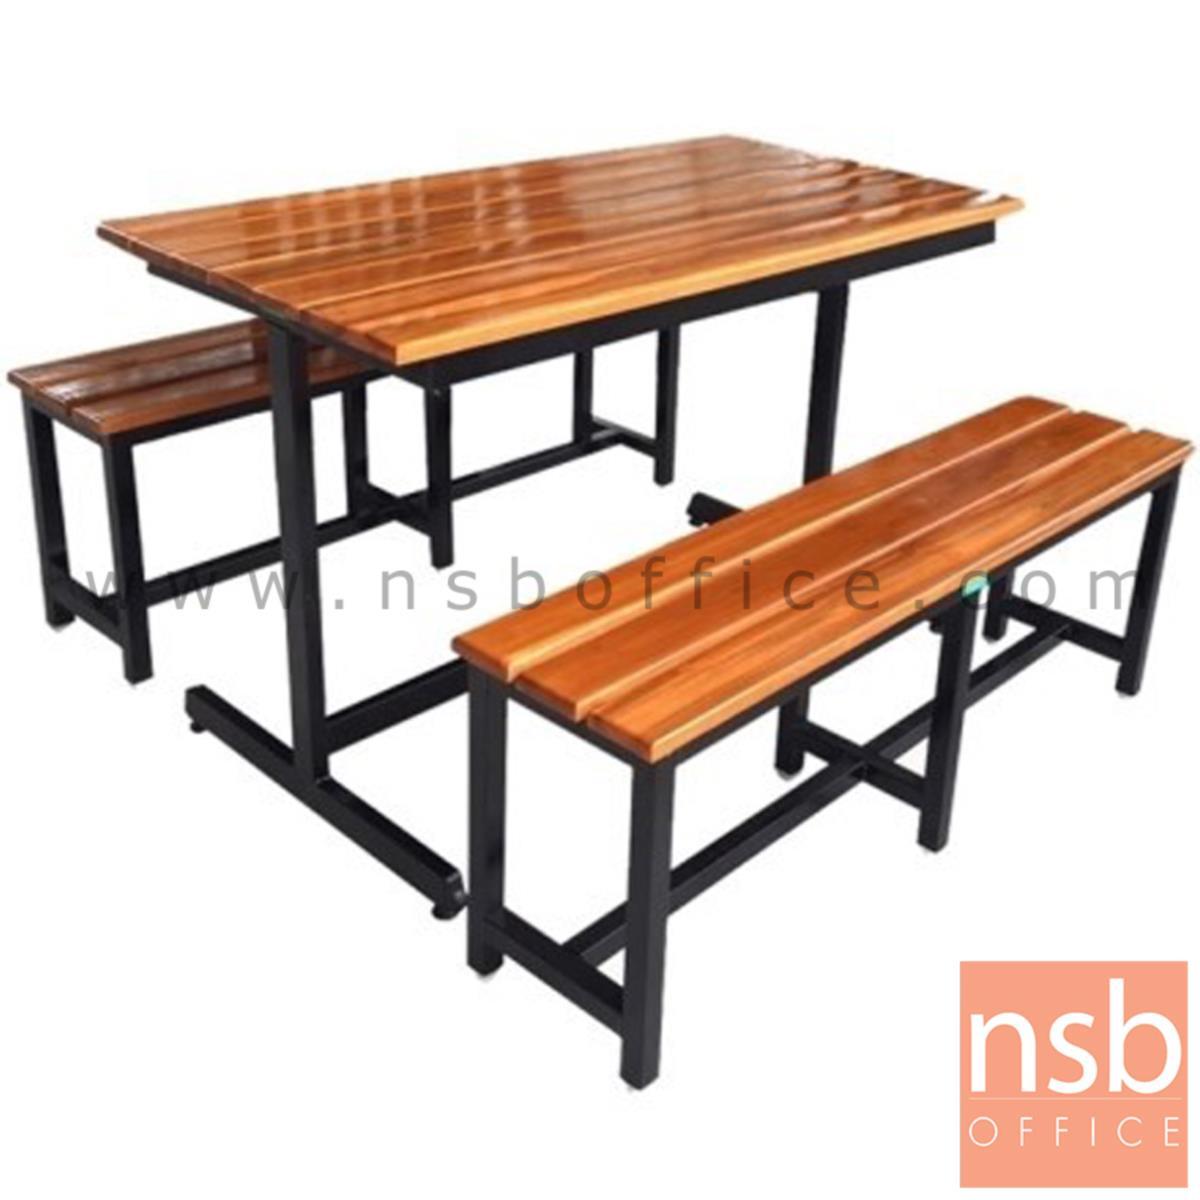 A17A082:โต๊ะโรงอาหารไม้สักตีระแนง รุ่น SOUTHCAROLINA (เซาธ์แคโรไลนา) ขนาด 120W cm. ขาเหล็กตัวไอ